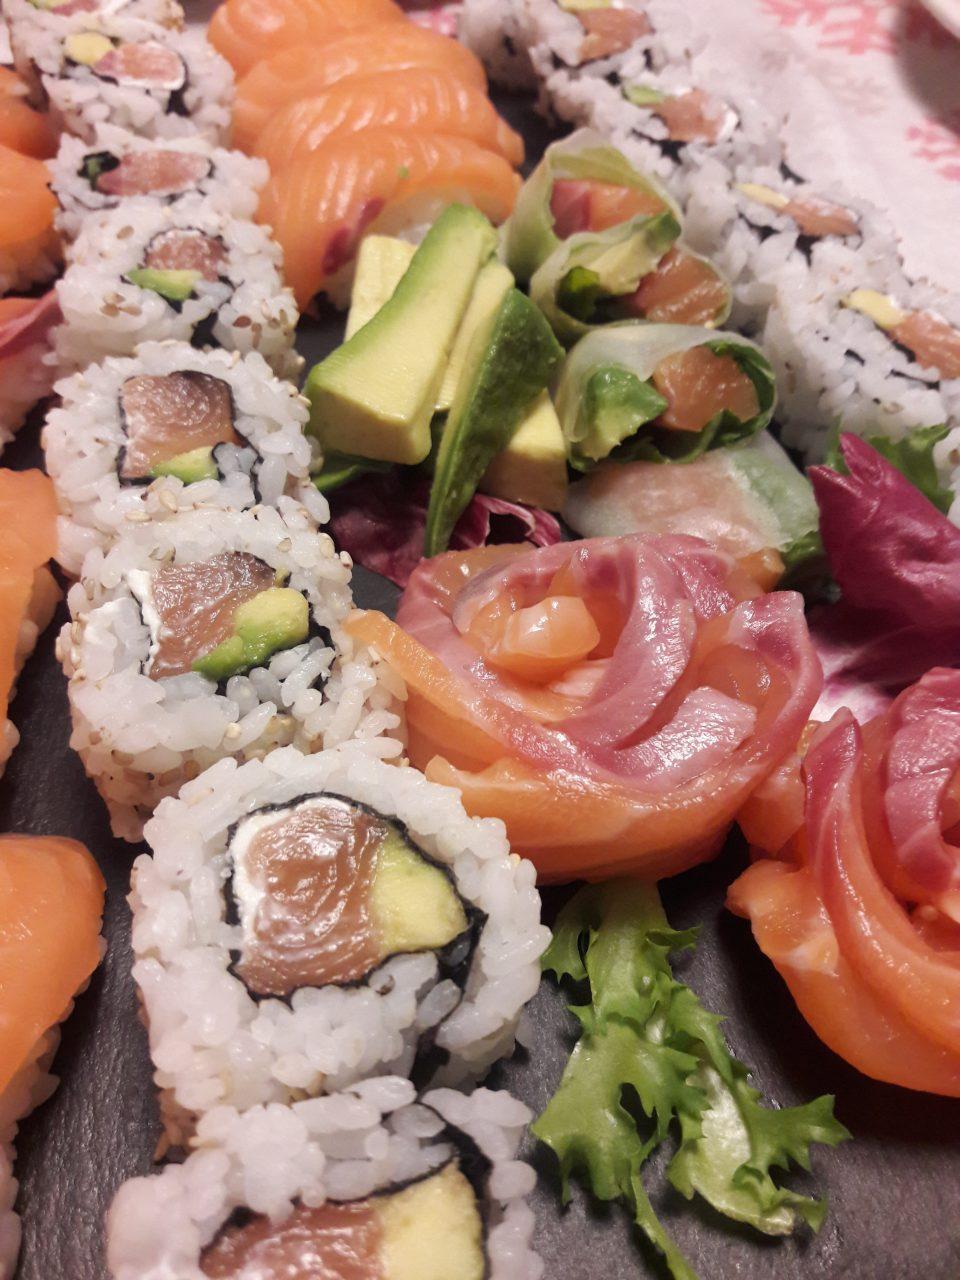 Ricetta Uramaki Giallo Zafferano.Sushi Fatto In Casa Ricetta Degli Uramaki Nigiri E Sashimi Al Piatto